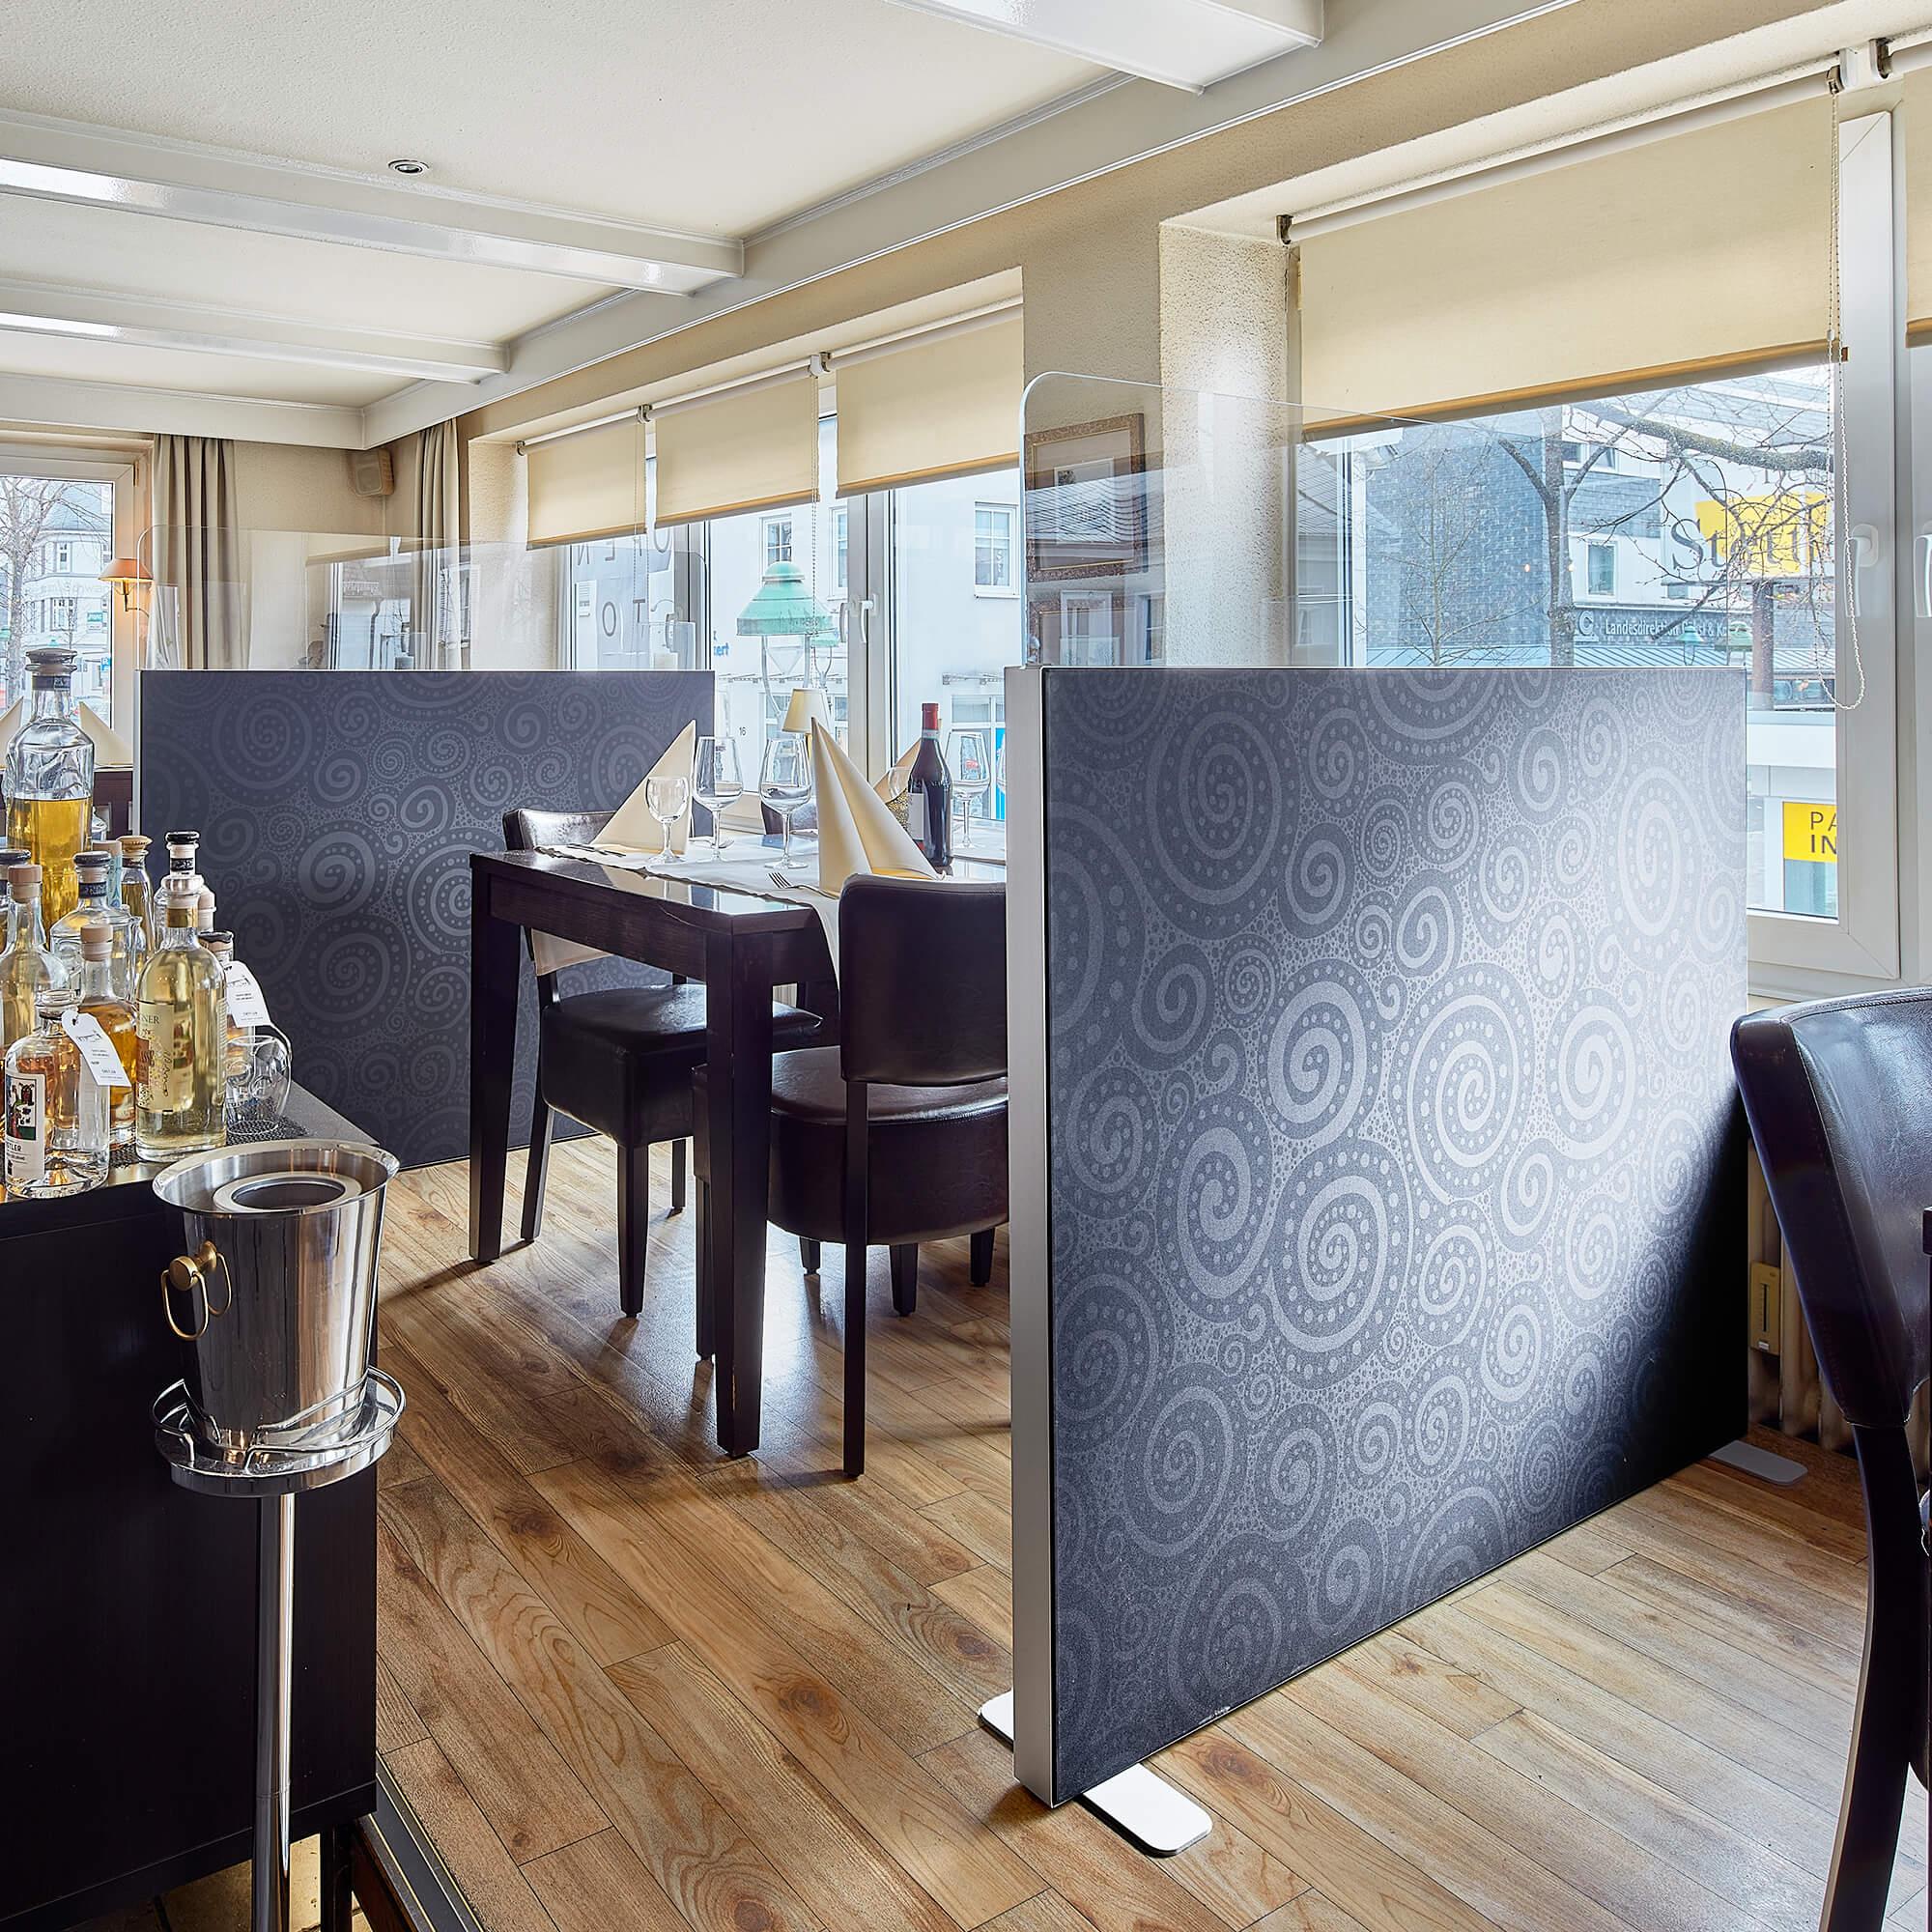 Trennwand basic mit Softecke und Acryltopper Lucia - Foto der Trennwand in einem Restaurant